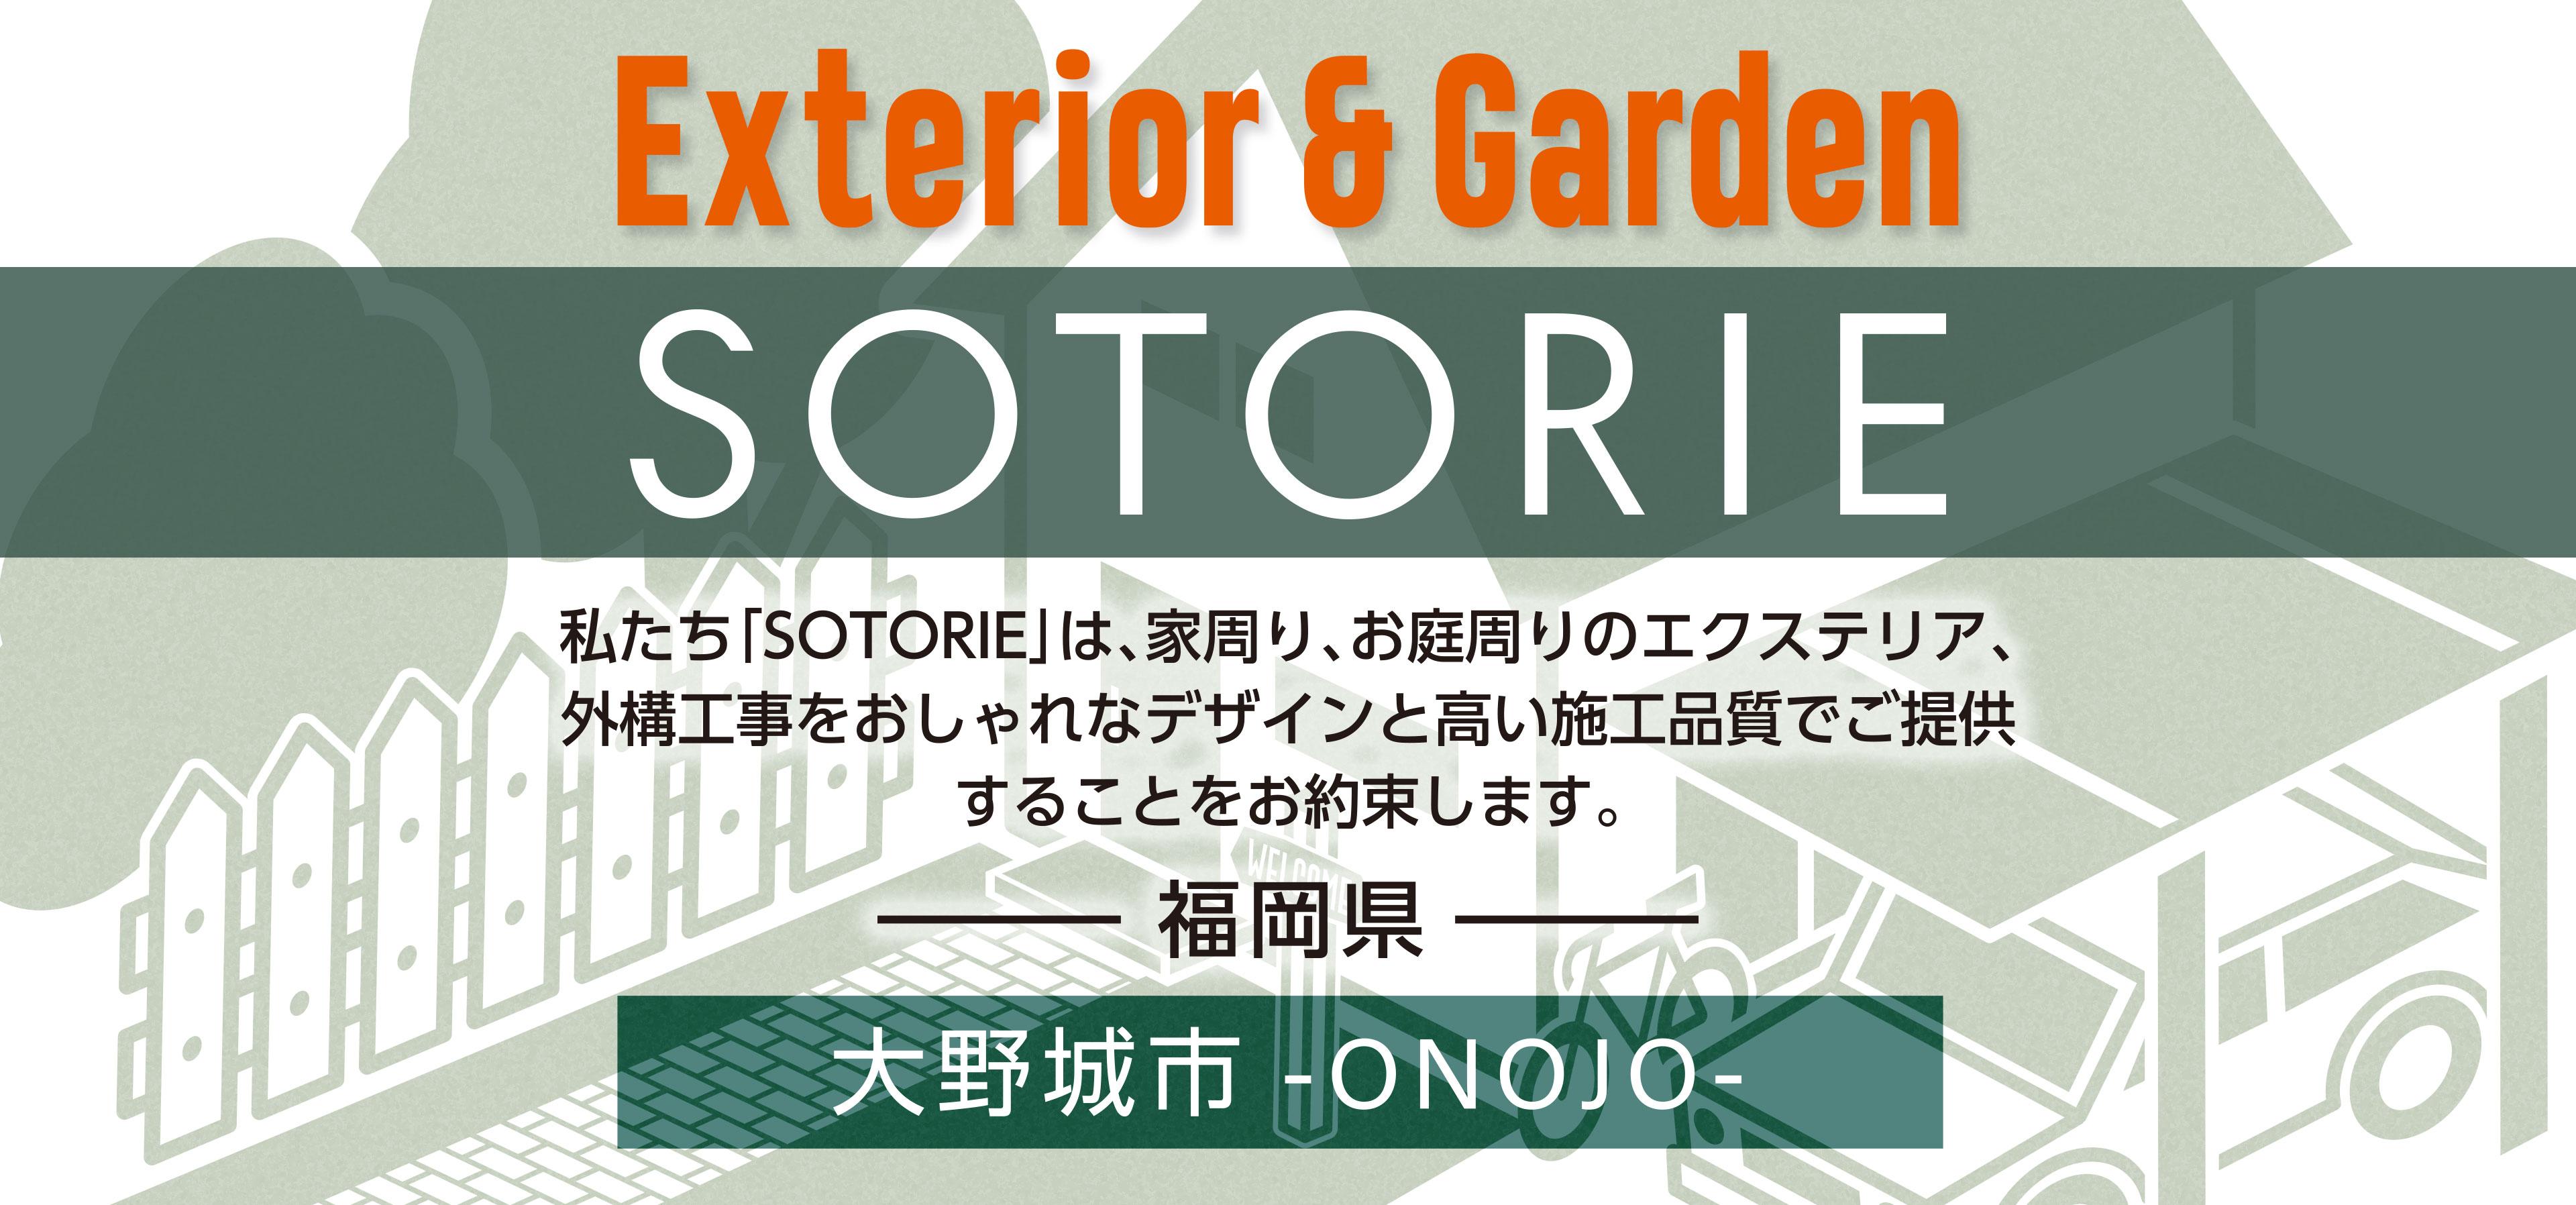 ソトリエ大野城市では、家周りと庭周りの外構、エクステリア工事をおしゃれなデザインと高い施工品質でご提供することをお約束します。